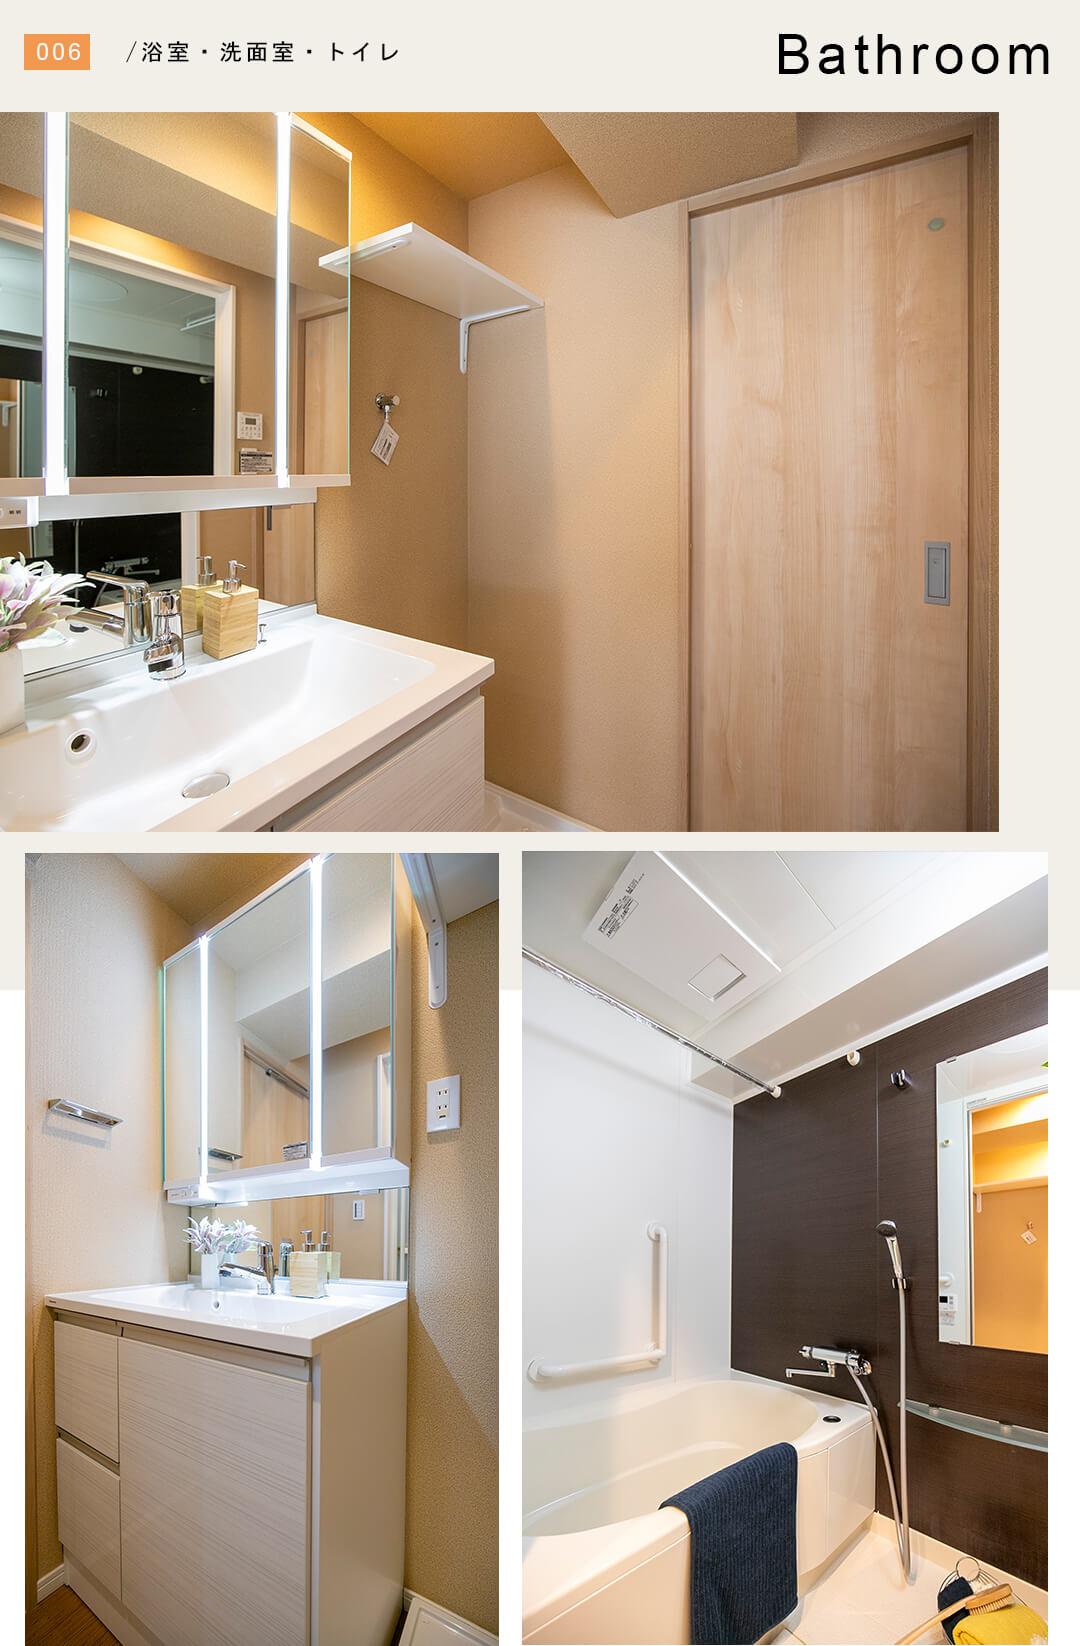 ライオンズマンション戸越銀座の洗面室と浴室